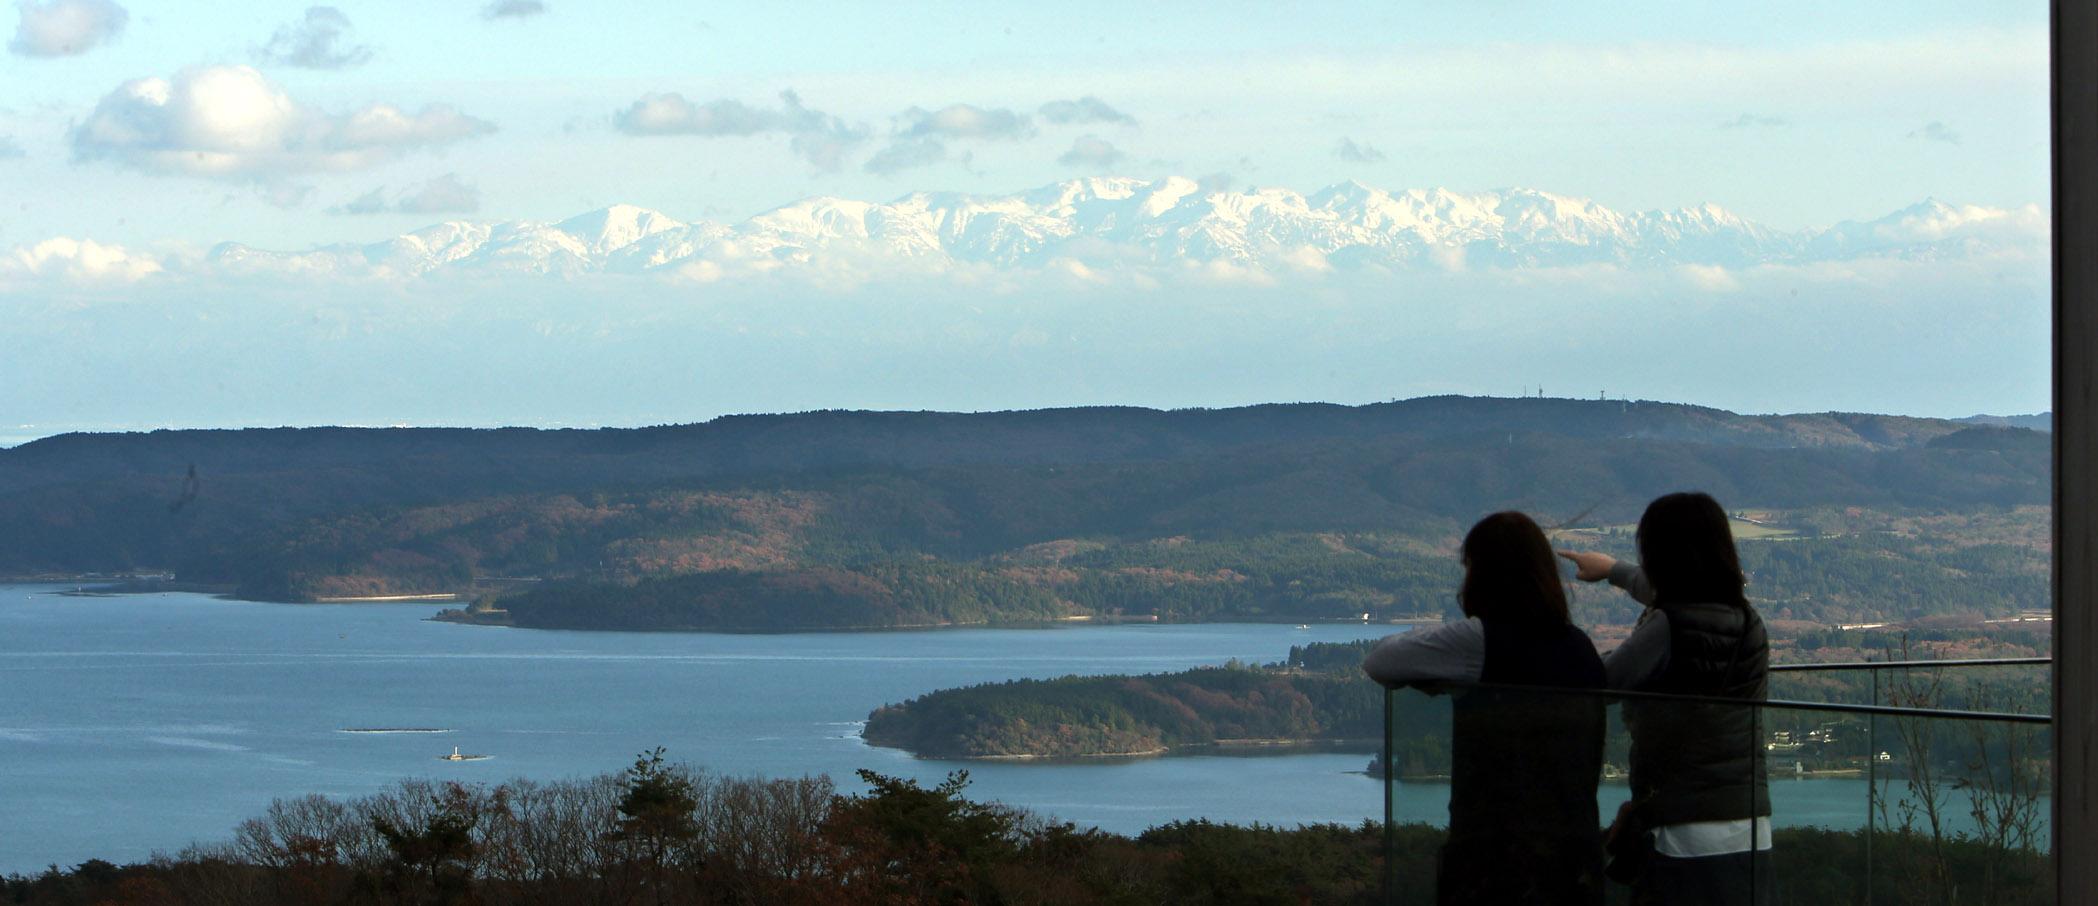 七尾湾の奥にそびえ立つ立山連峰=のと里山海道別所岳SAの展望台「能登ゆめてらす」